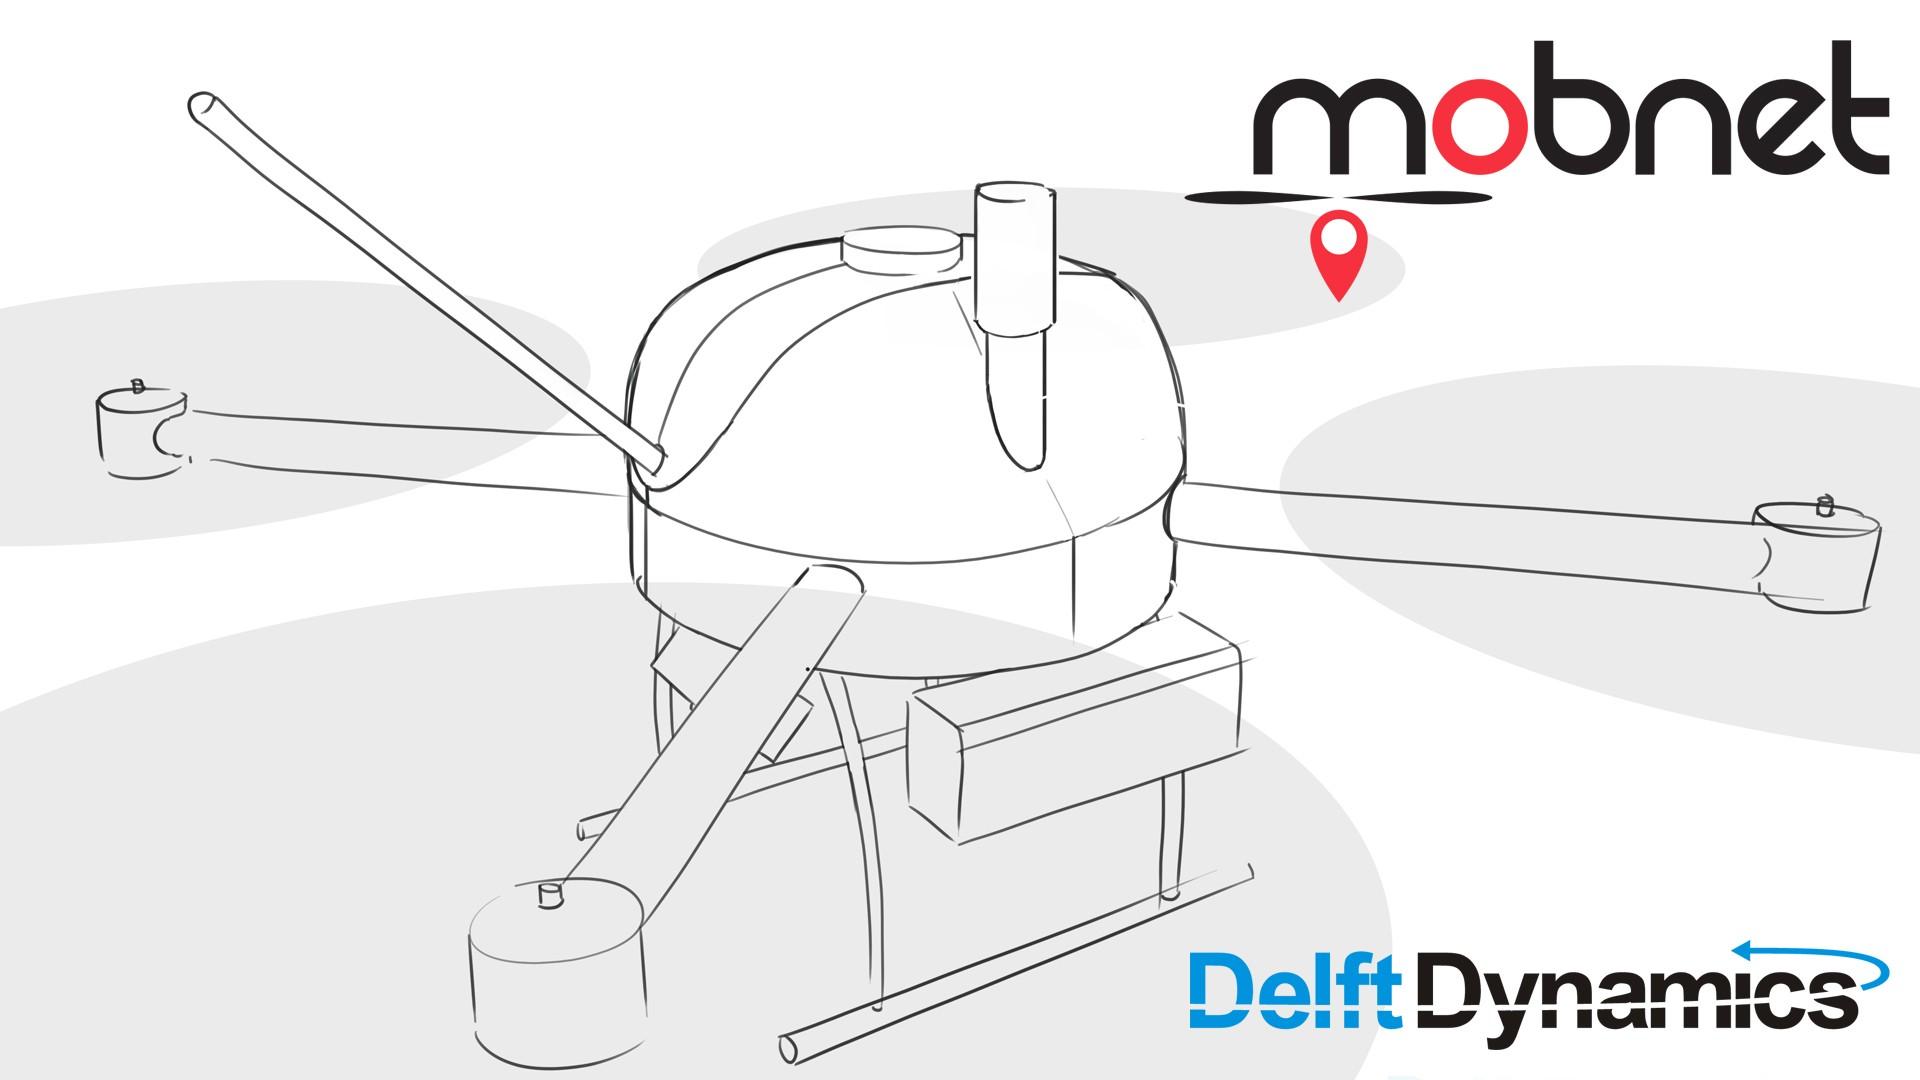 MOBNET Drone